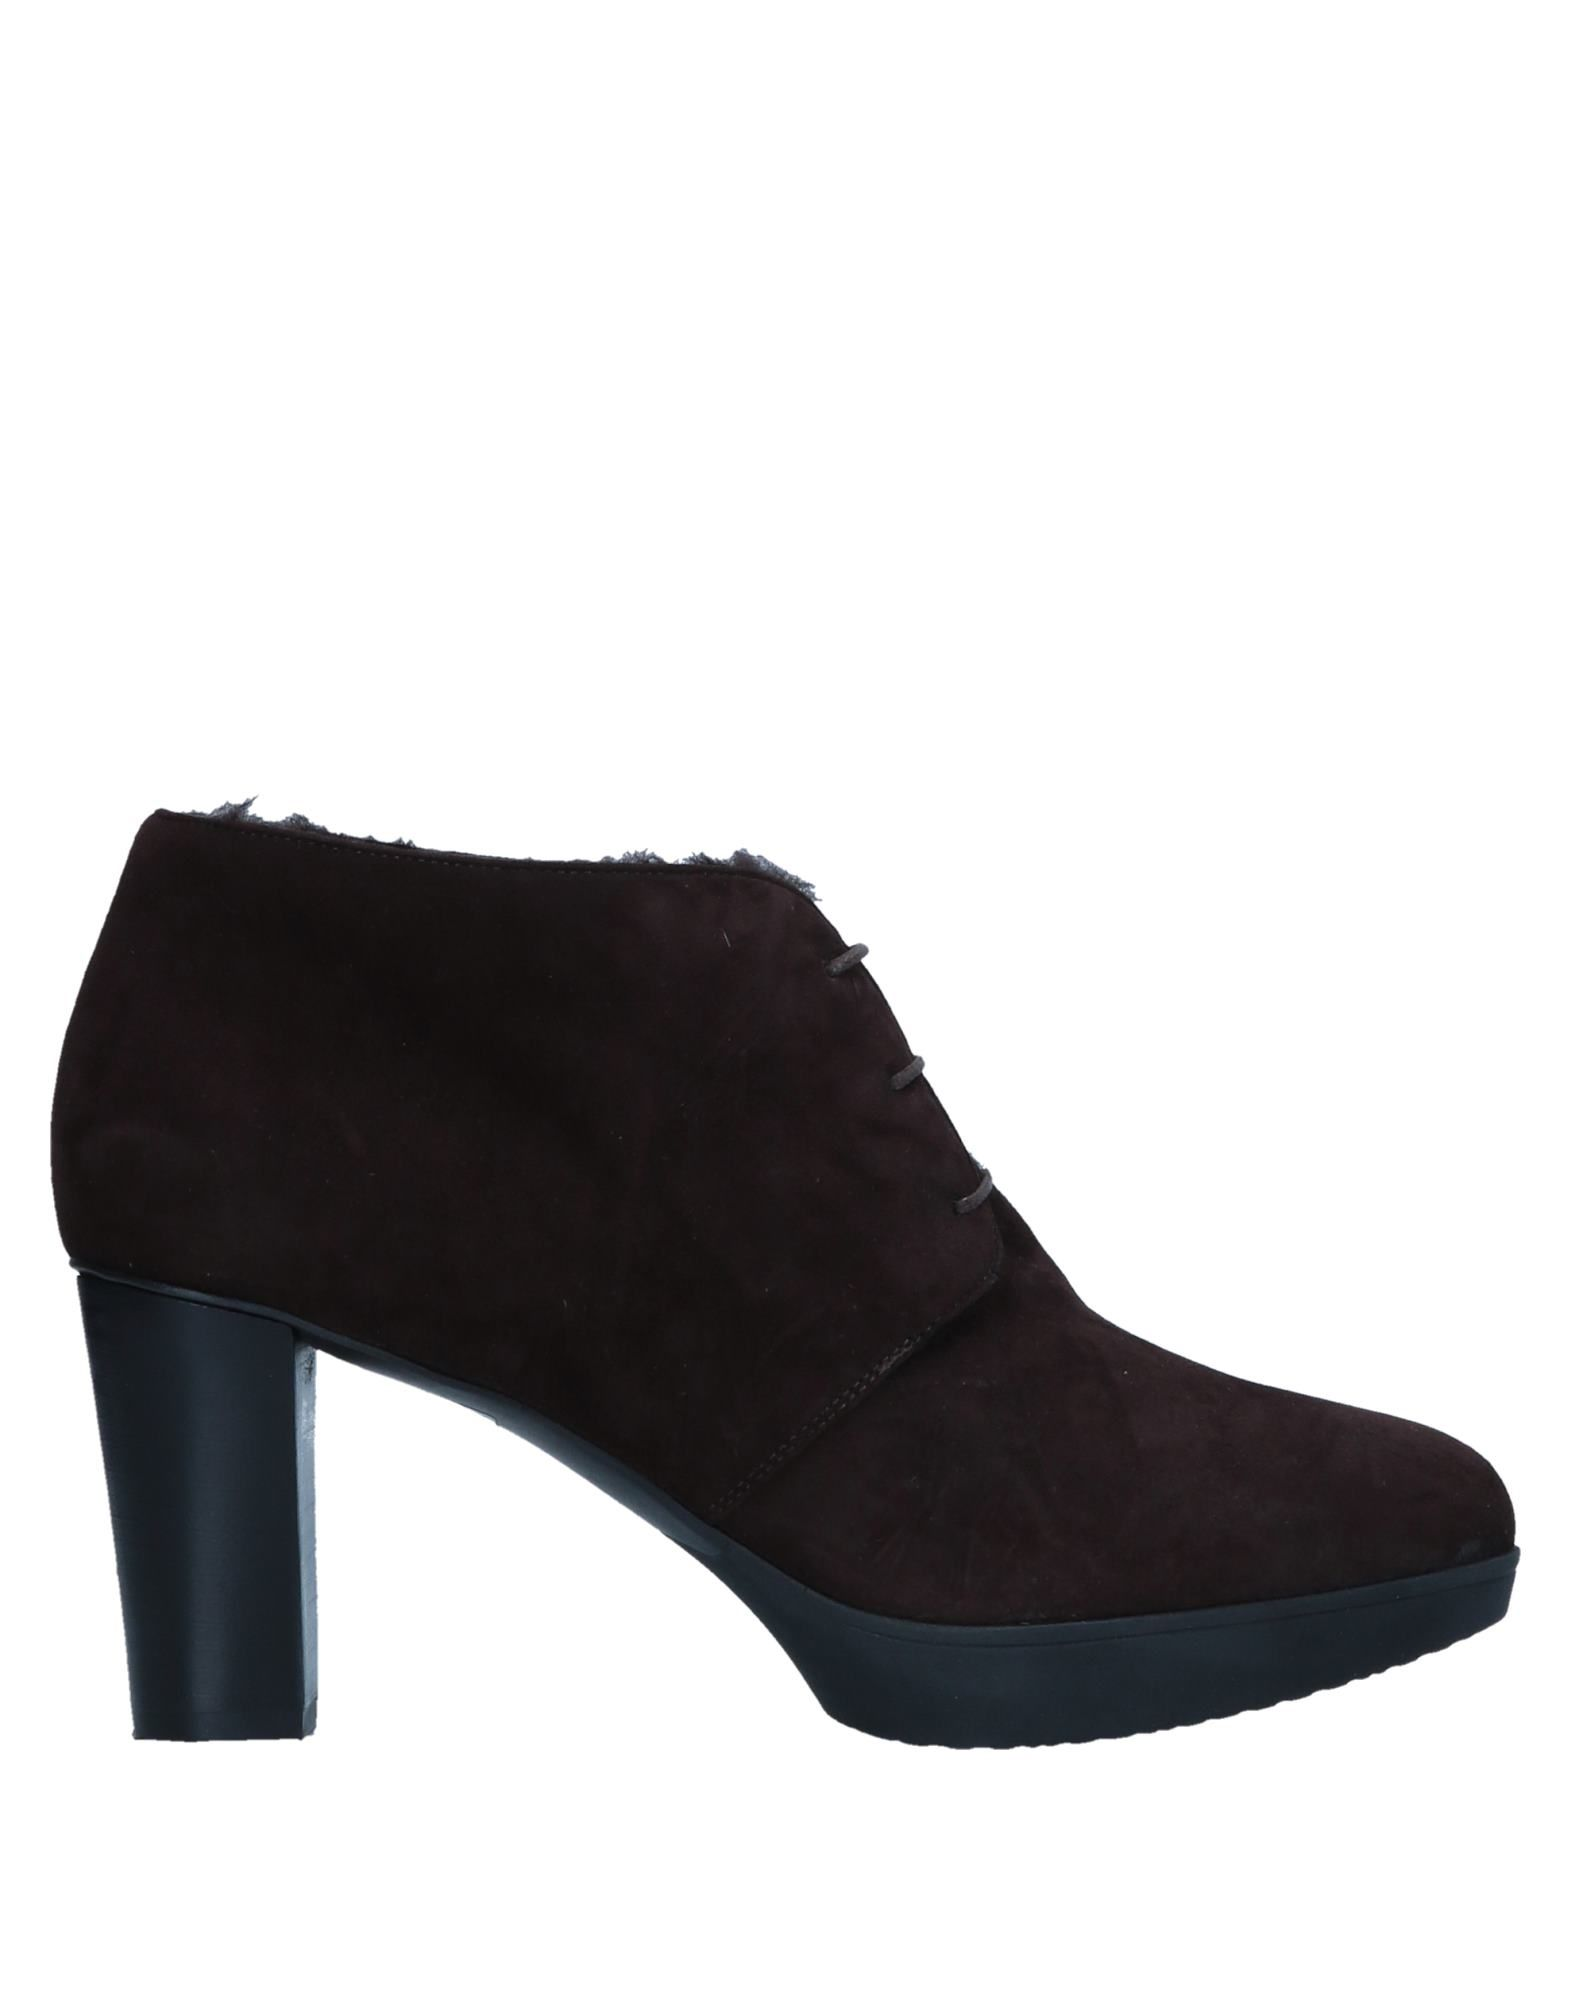 Ballerine Moschino Donna - 11451119WV Scarpe economiche e buone